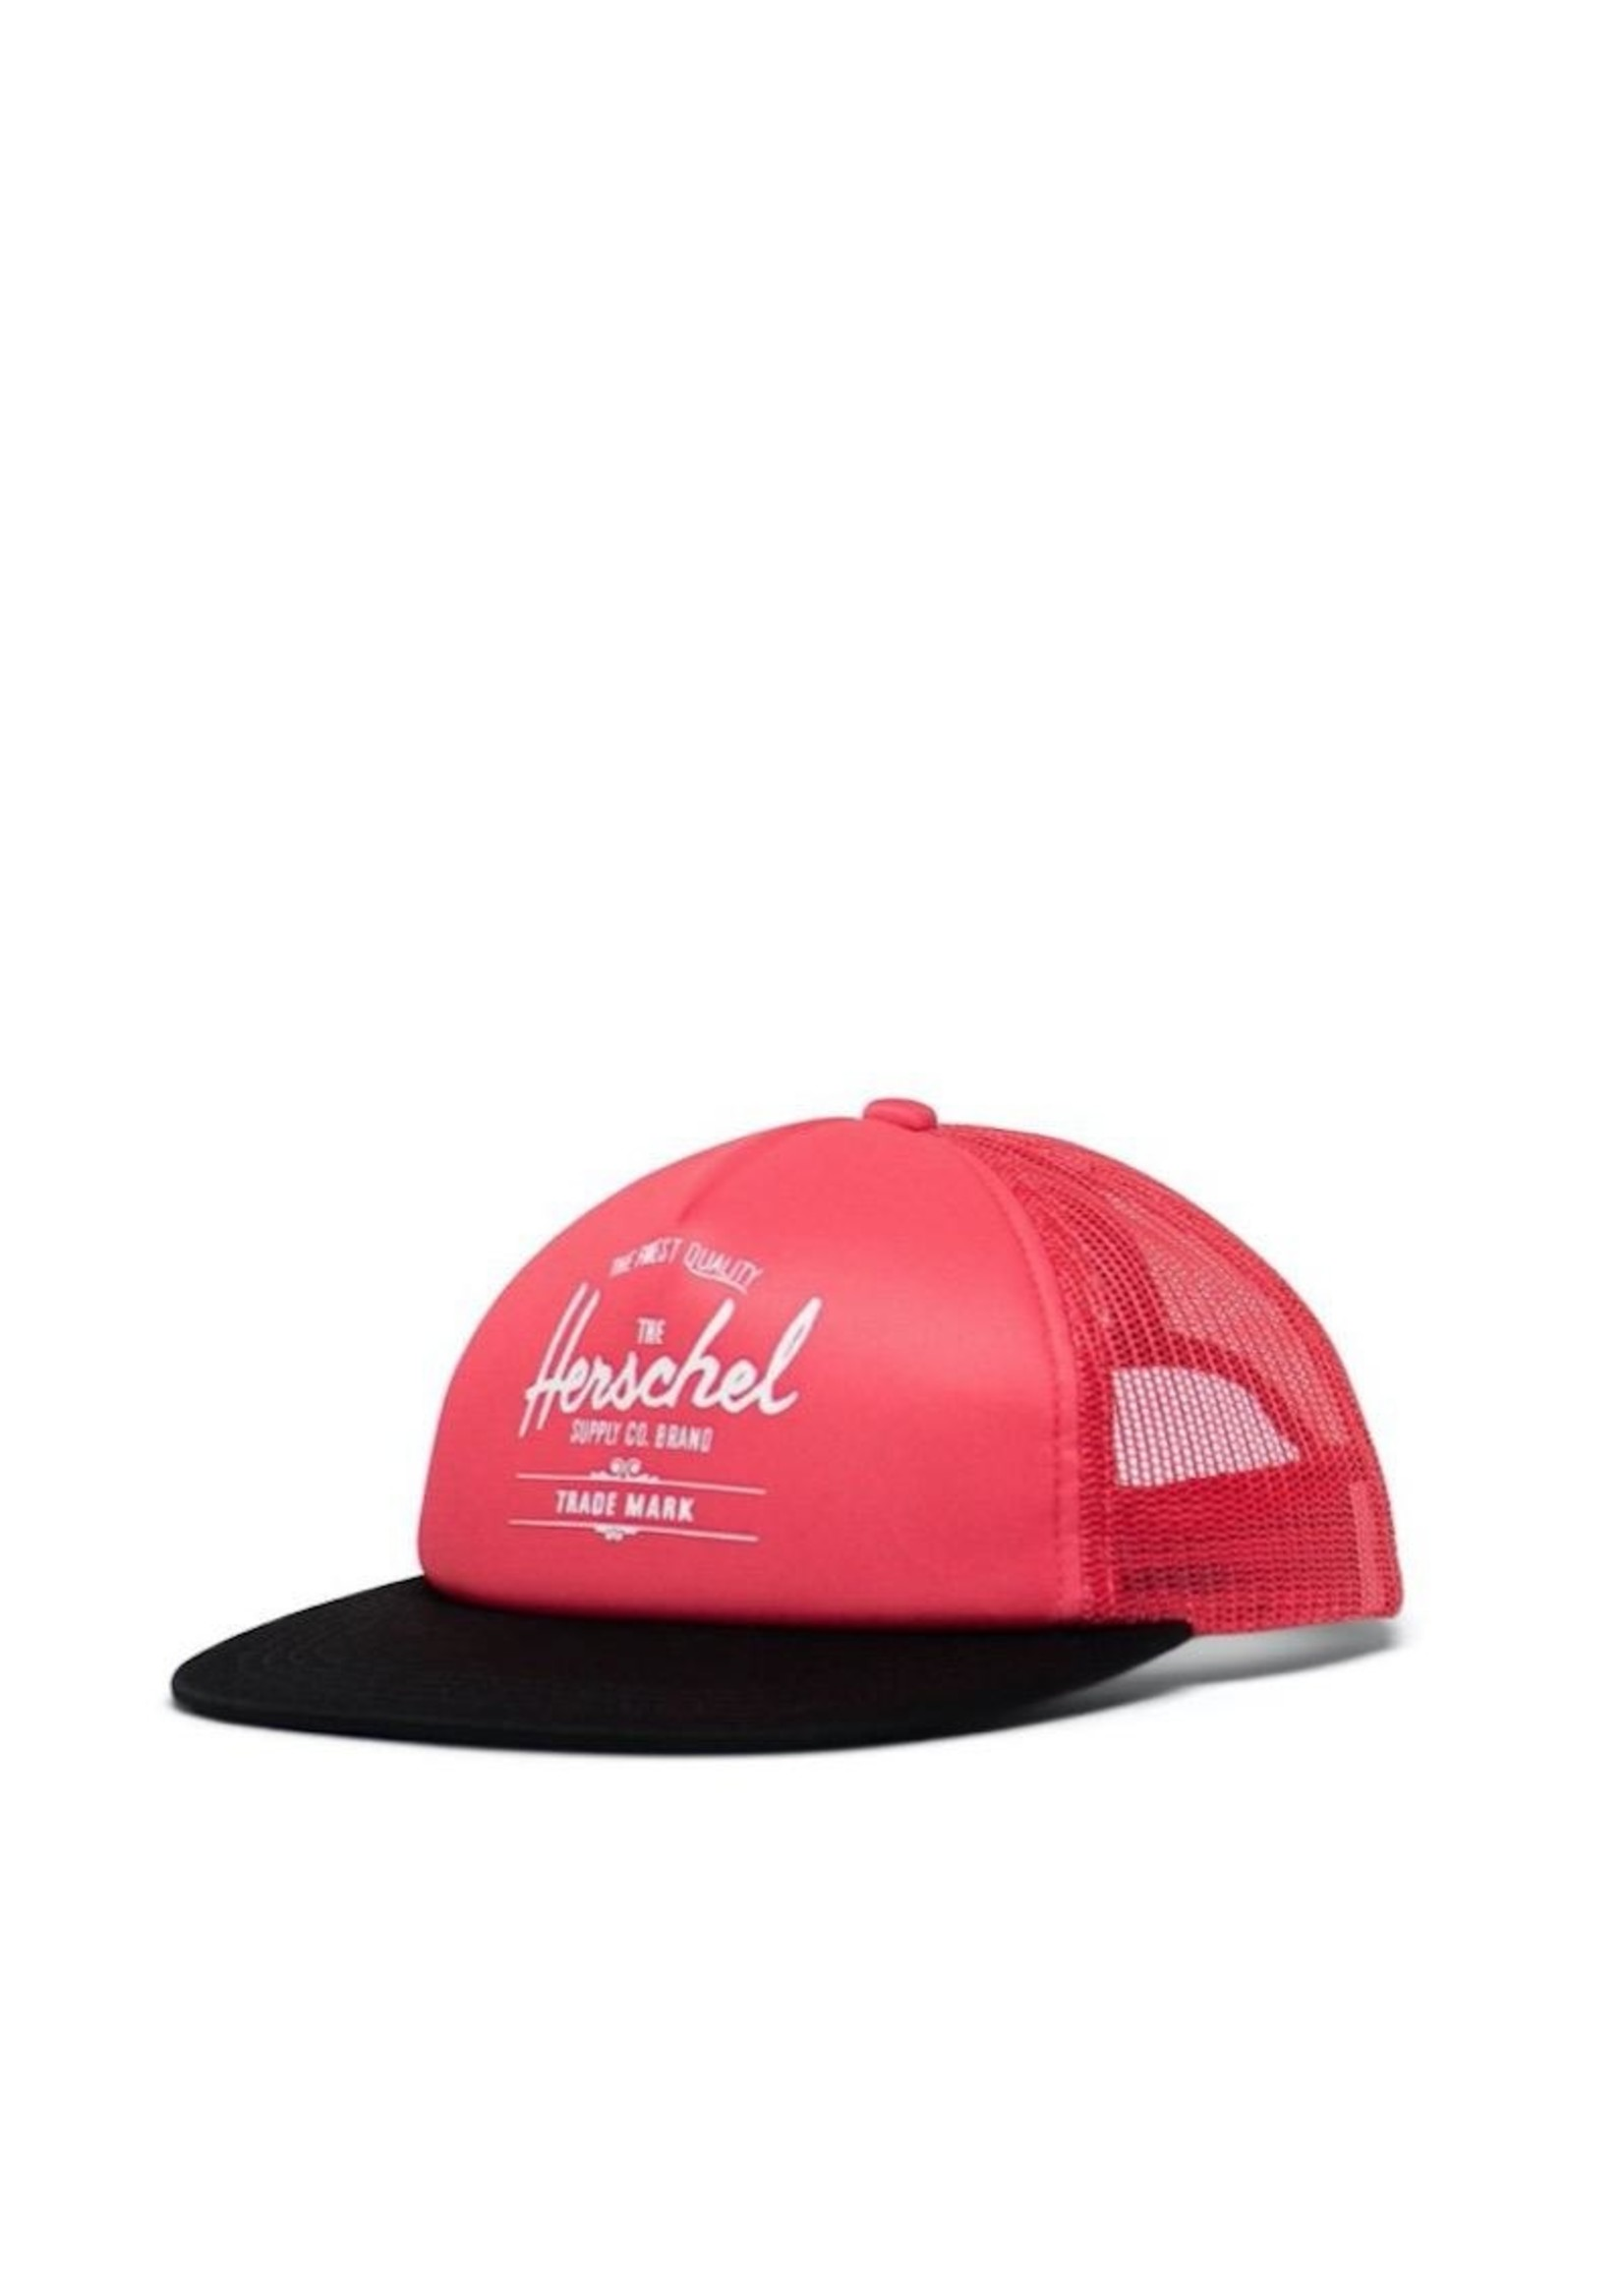 Herschel Supply Co. Herschel Supply, Whaler Mesh Soft Brim Youth Hat Unisex